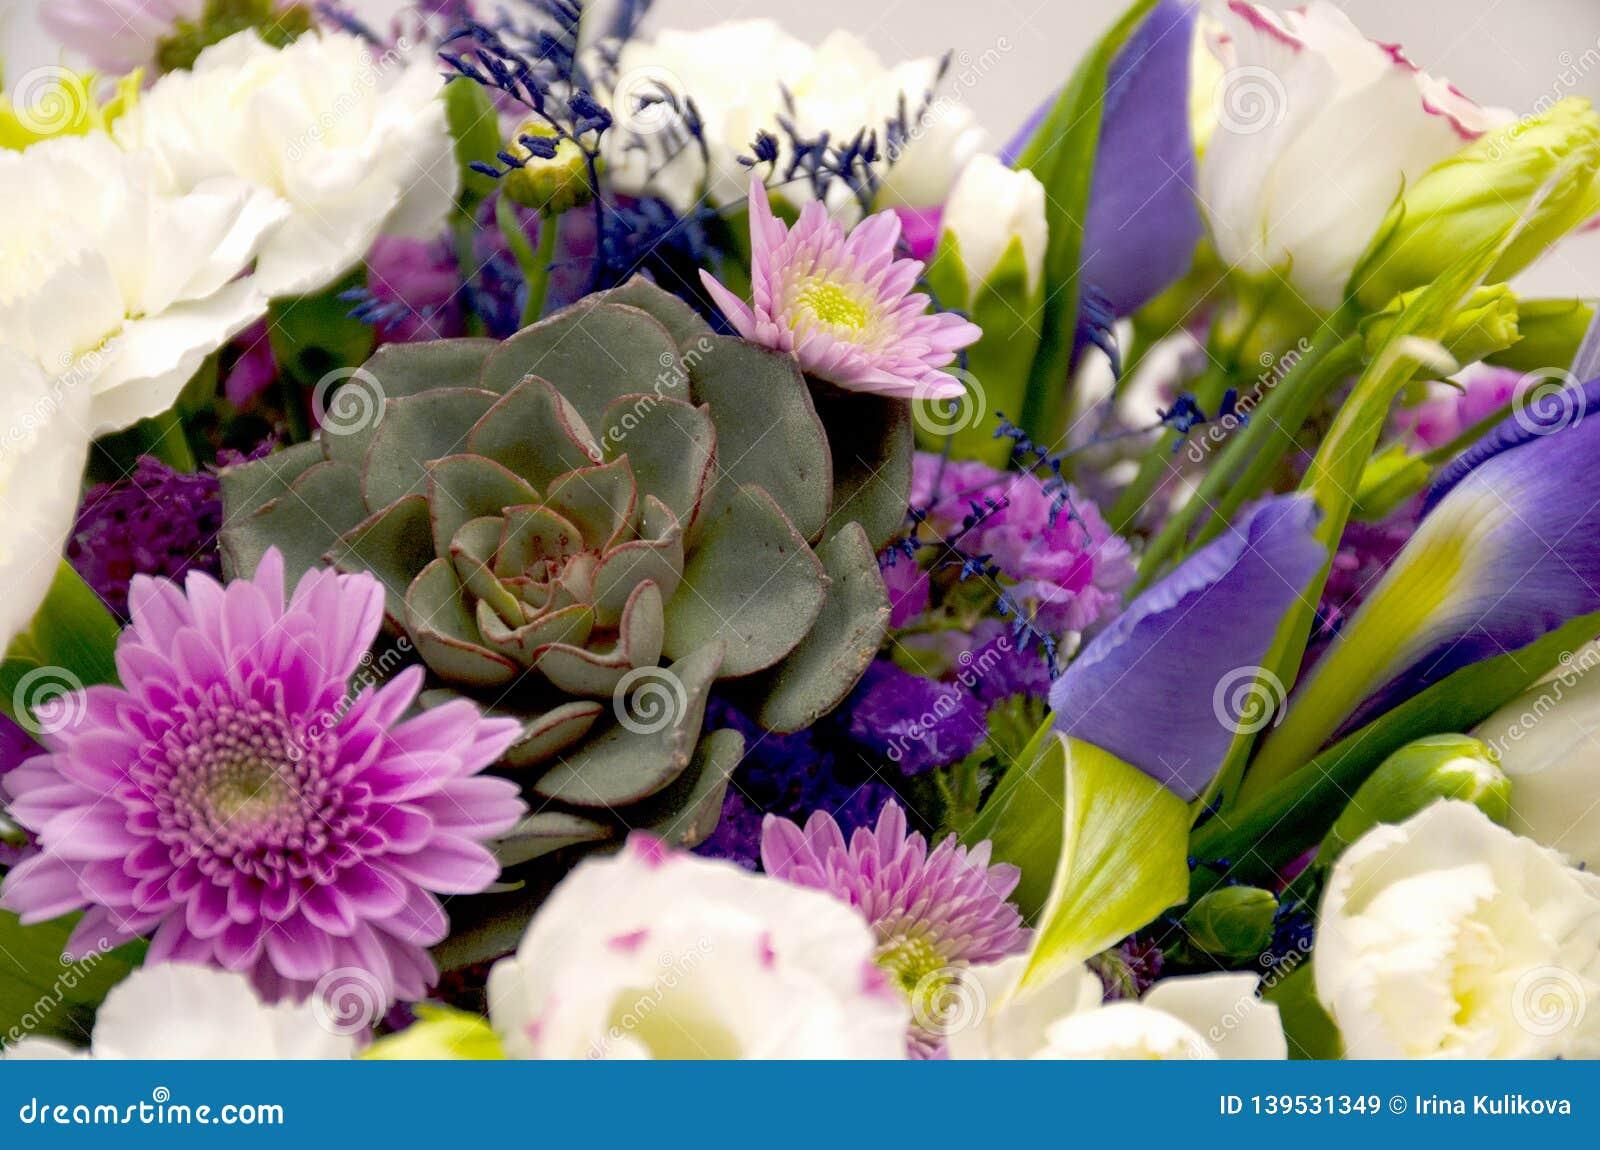 Horisontalbakgrund från en närbild av en vårbukett av blommor i lila och purpurfärgade färger